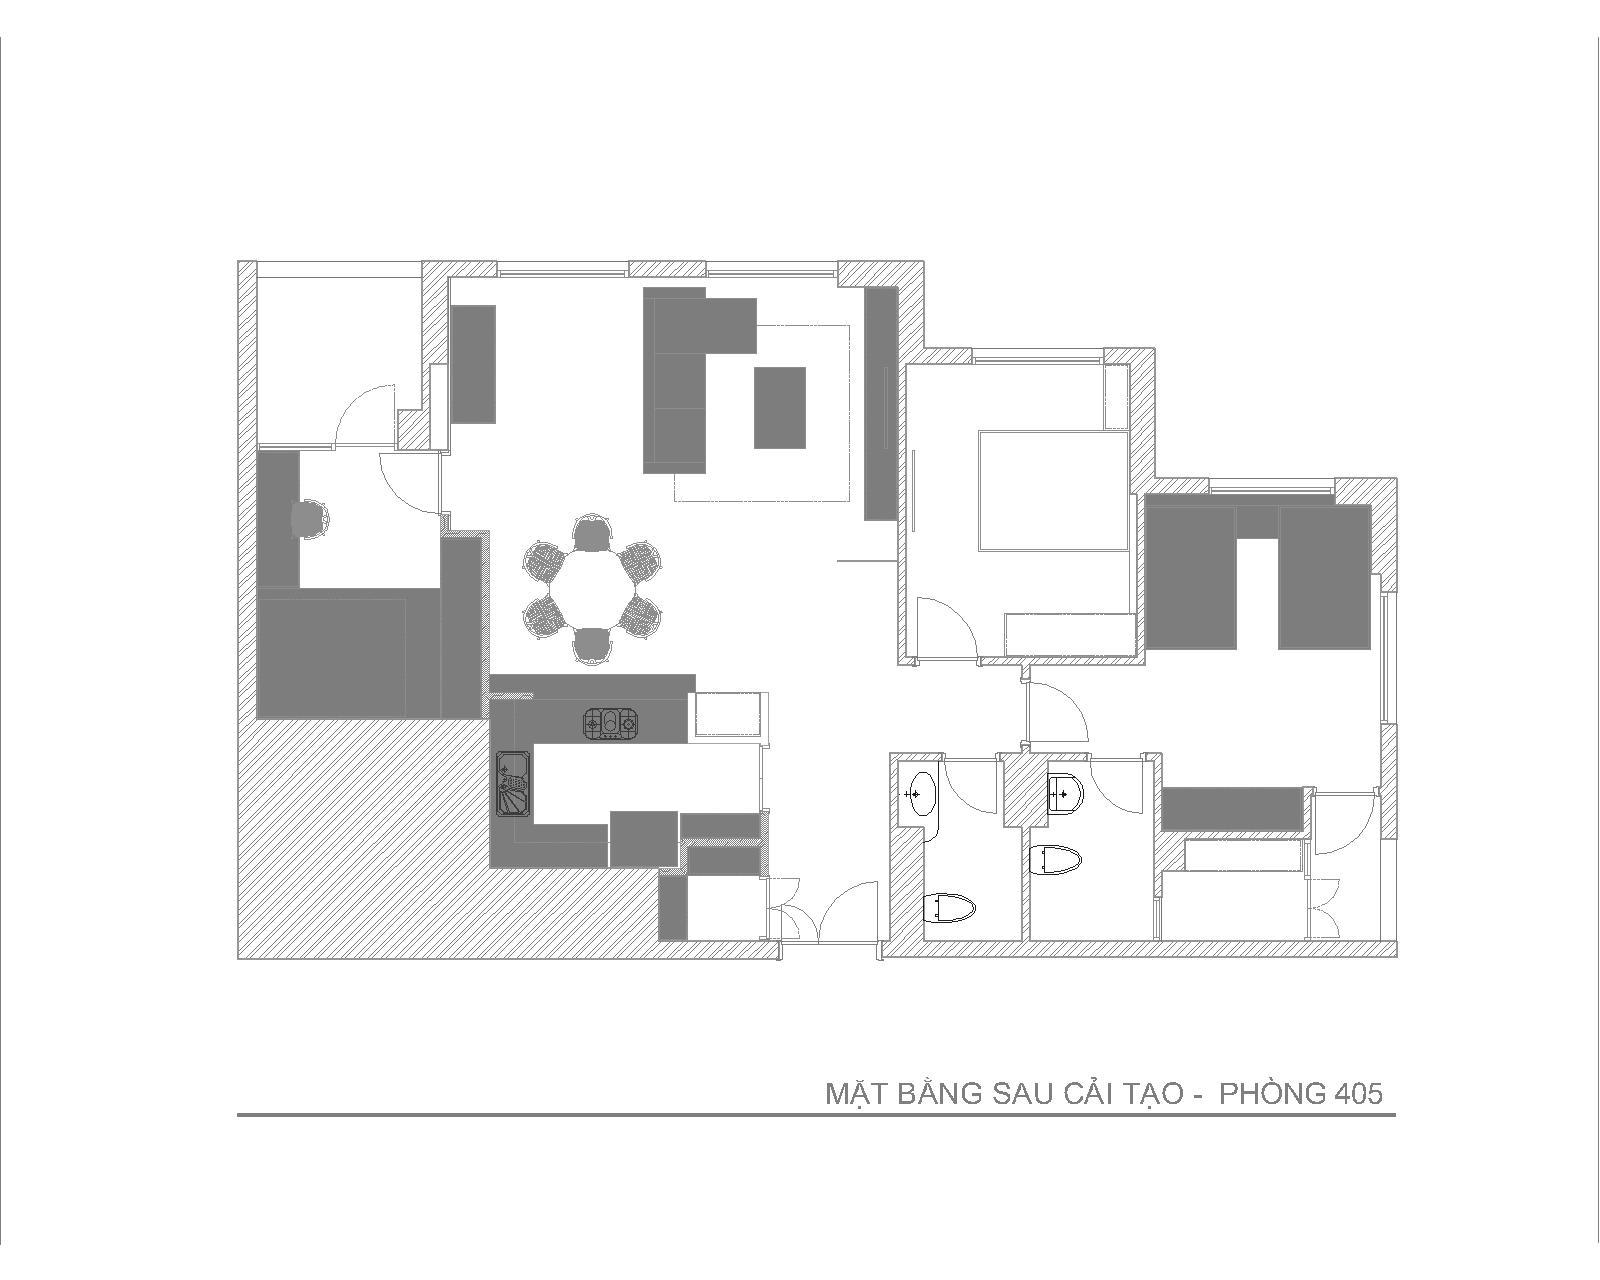 Nội thất căn hộ chung cư phòng số 05- Chung cư 25 Lạc Trung - Mặt bằng cải tạo